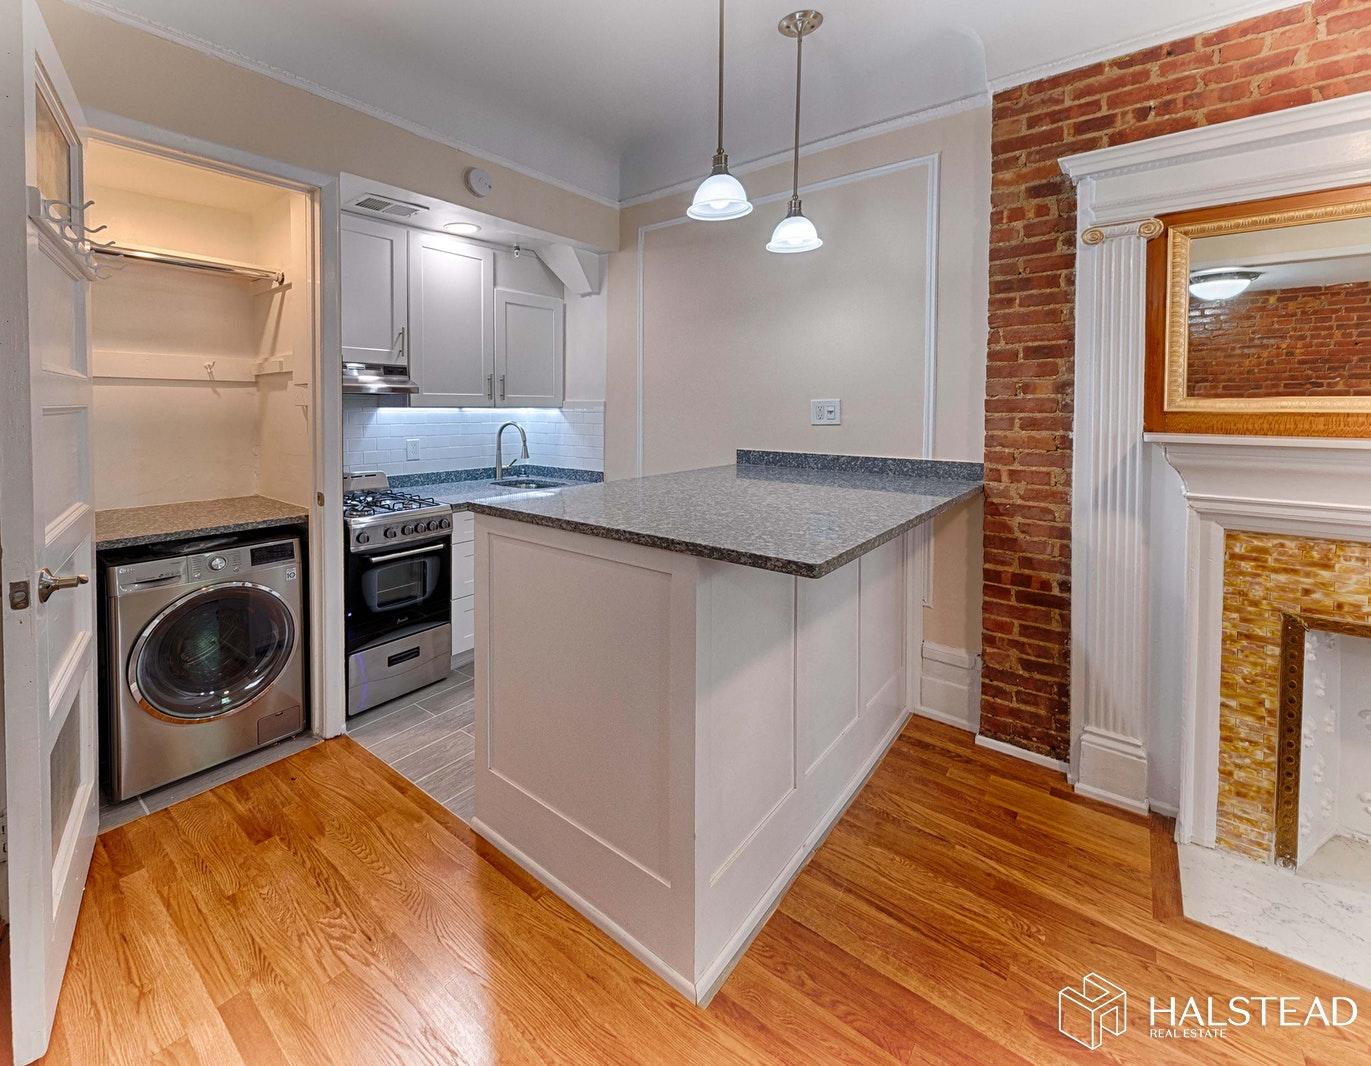 345 WEST 84TH STREET 8, Upper West Side, $2,450, Web #: 20118179